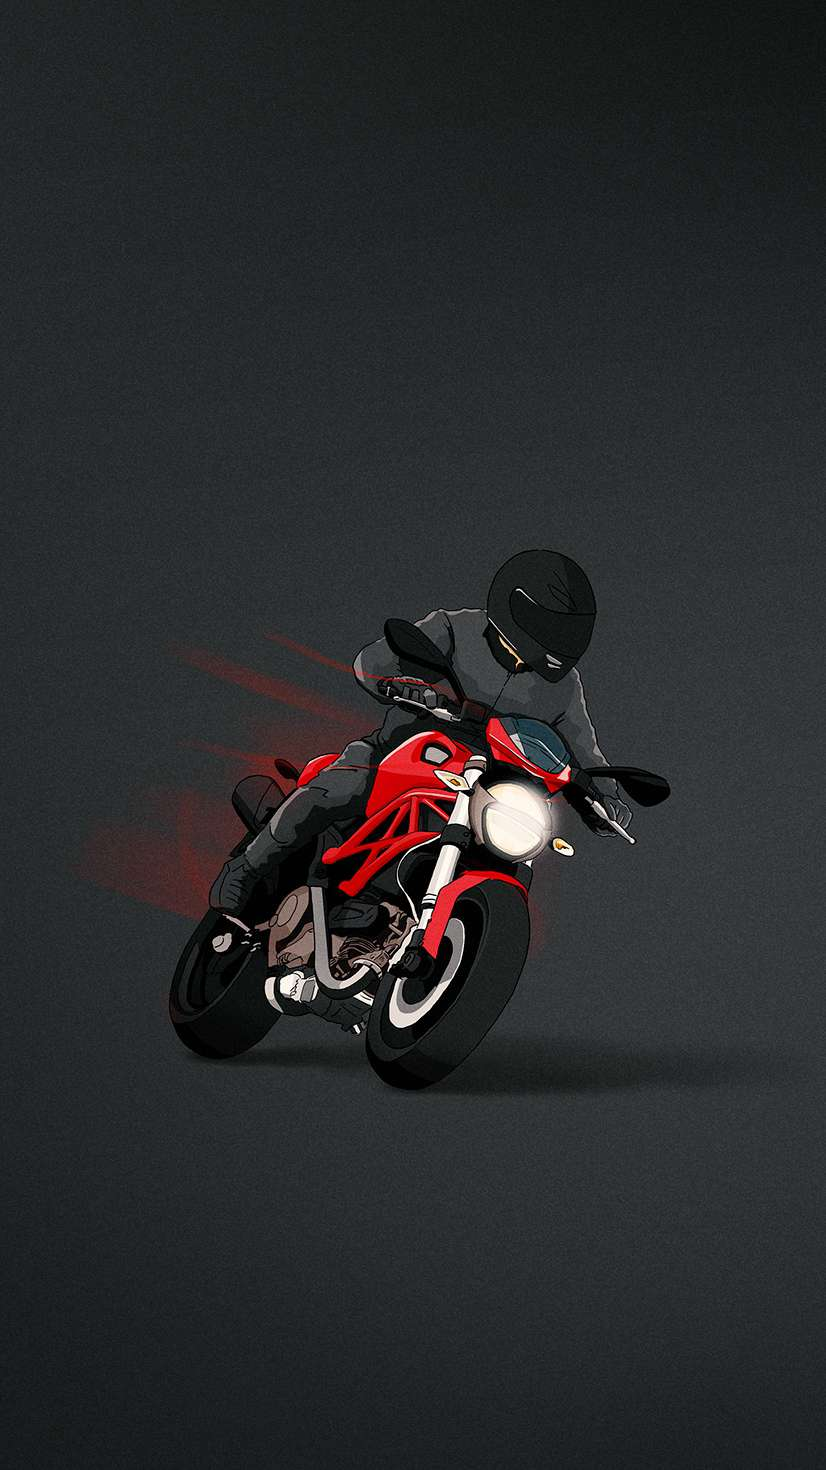 Ducati Monster Minimal iPhone Wallpaper